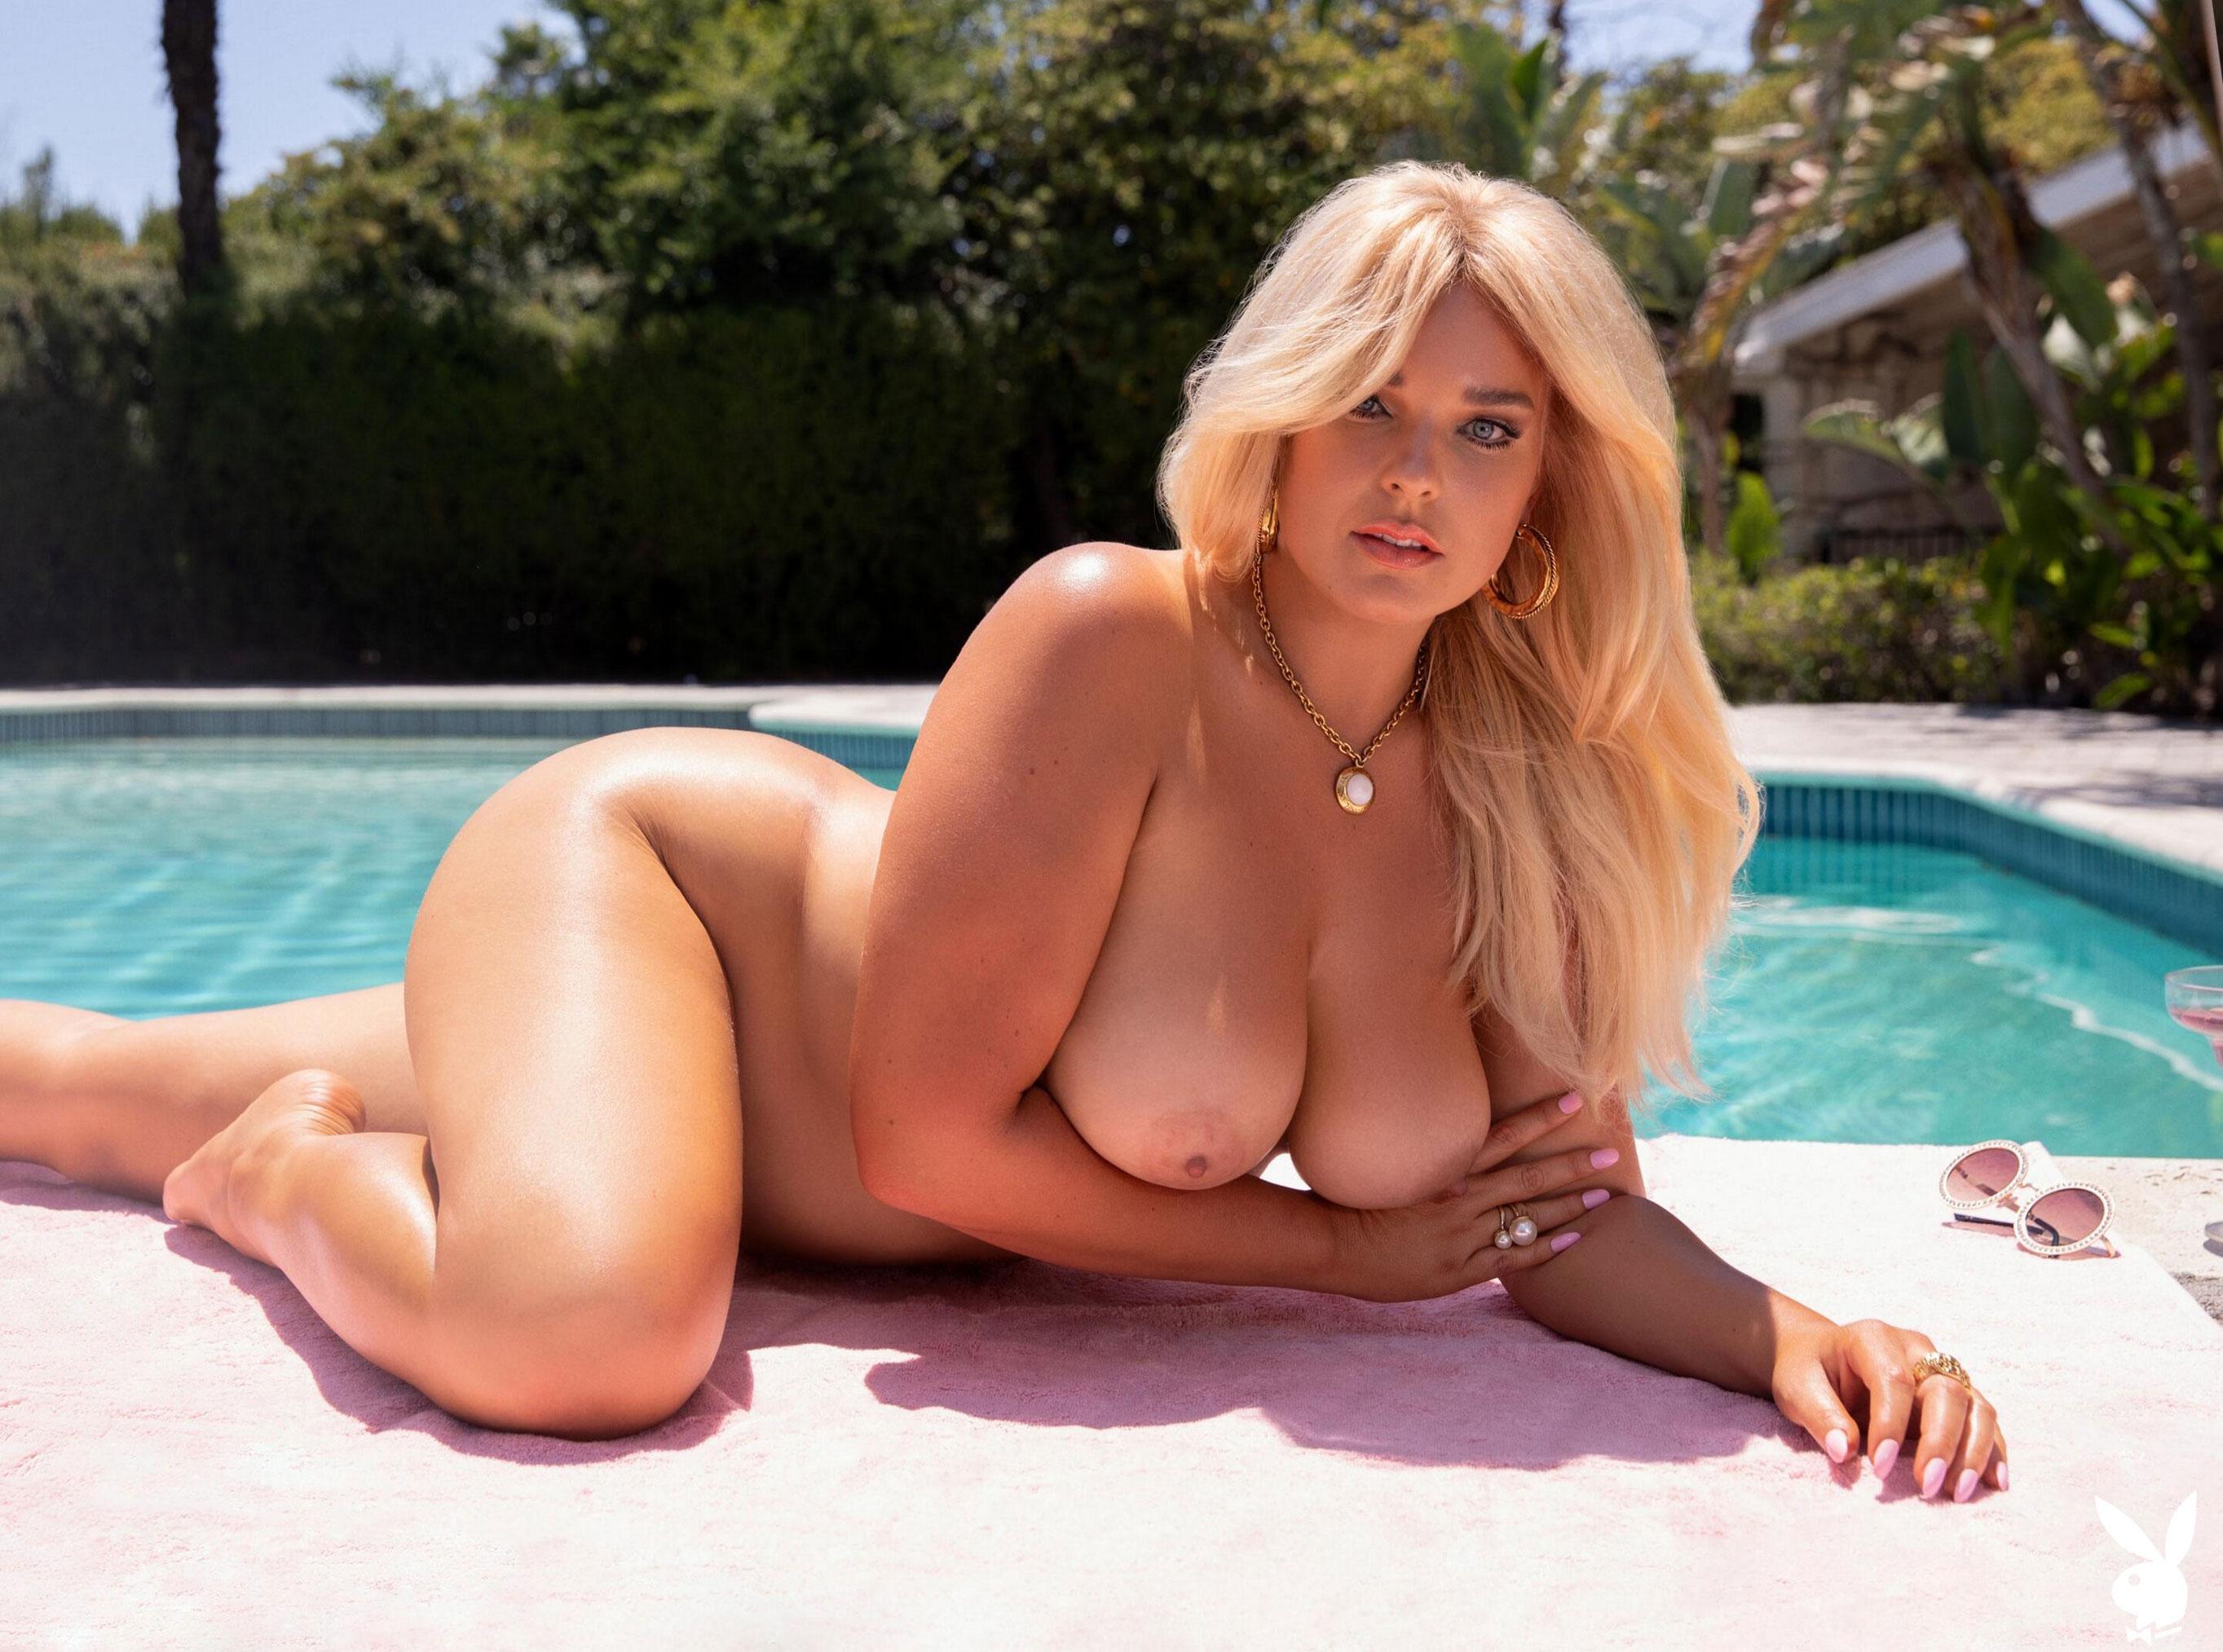 Девушка месяца Ali Chanel - Playboy США / фото 13